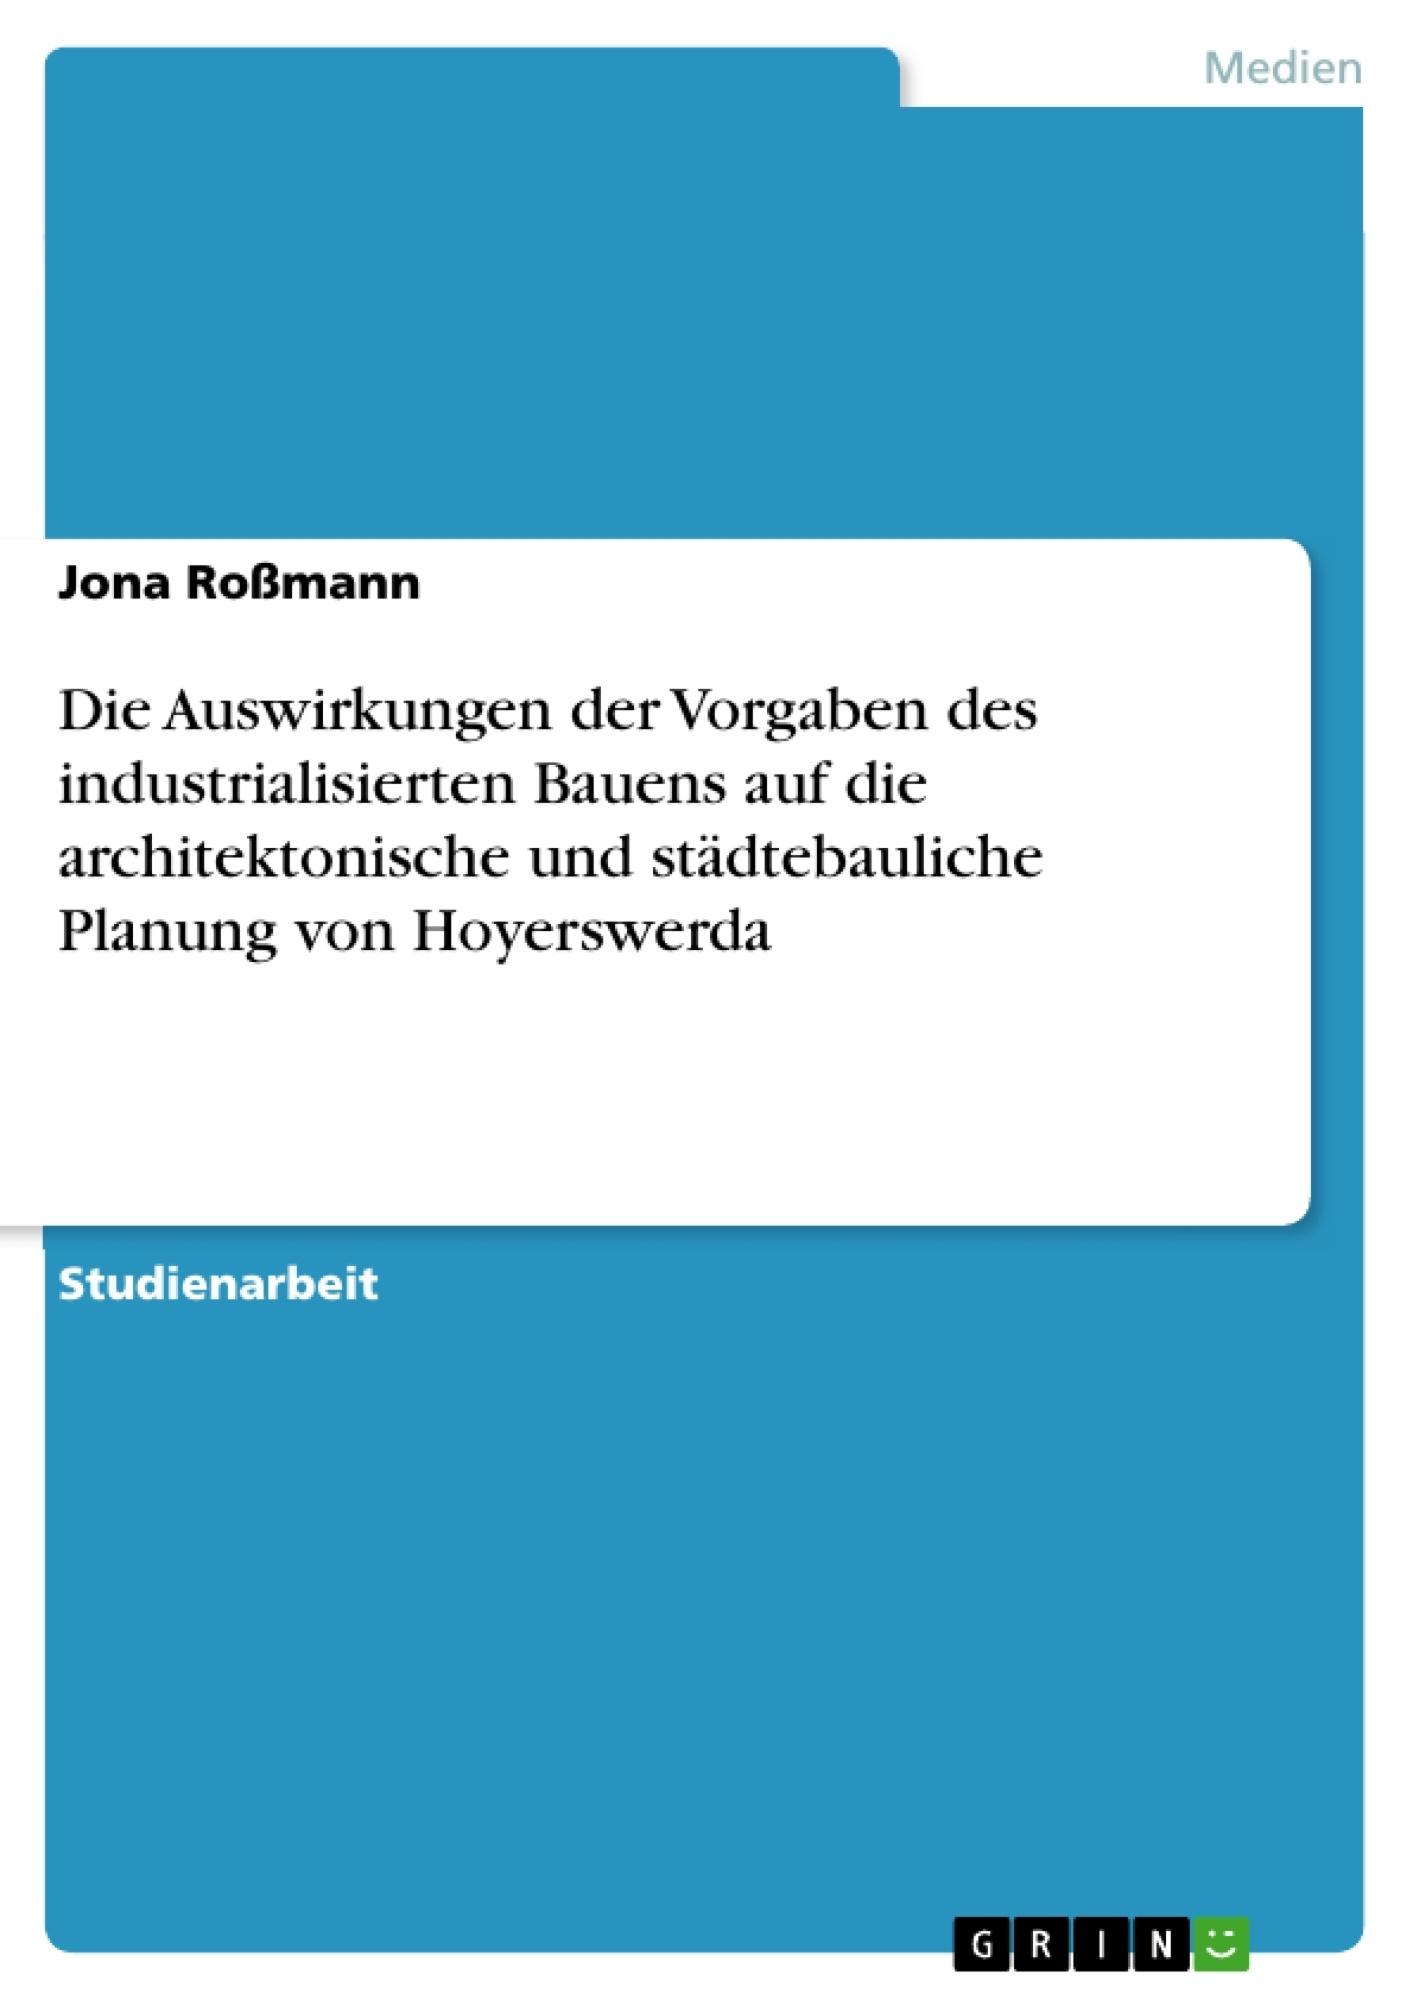 Titel: Die Auswirkungen der Vorgaben des industrialisierten Bauens auf die architektonische und städtebauliche Planung von Hoyerswerda